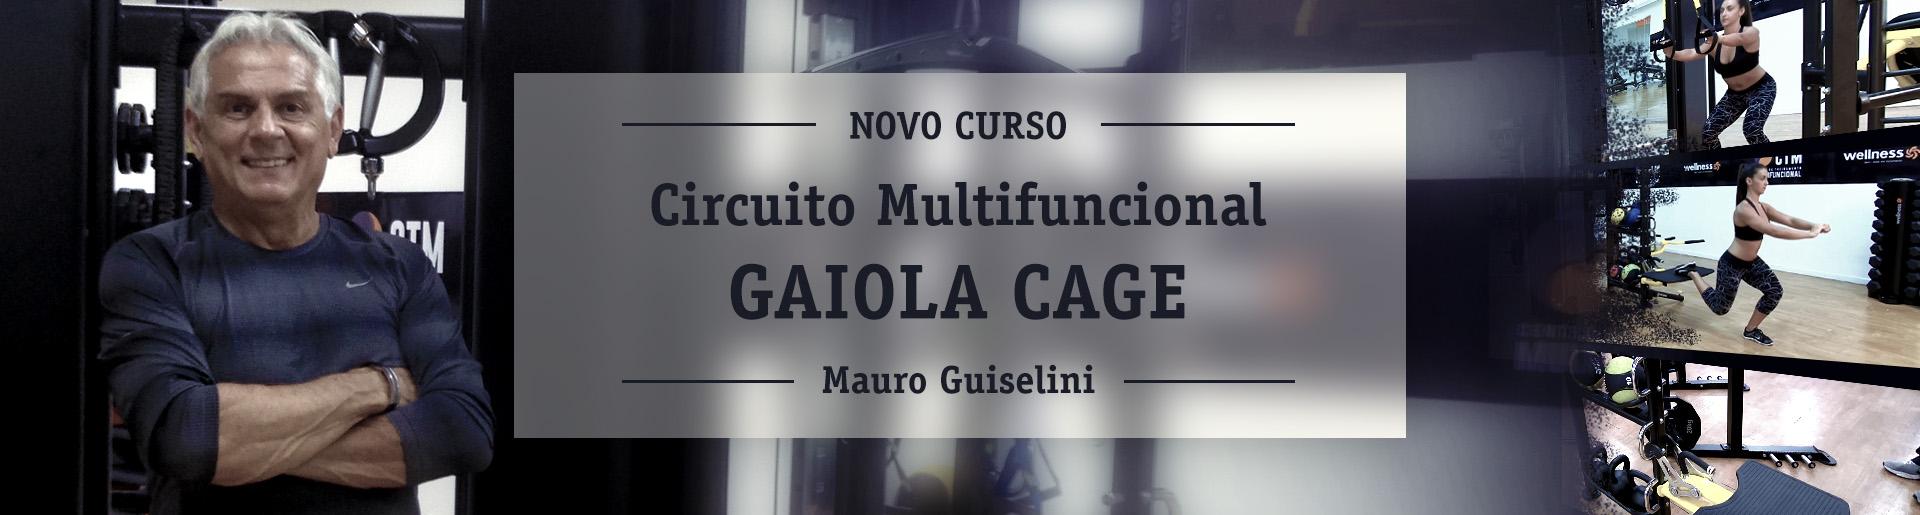 circuito multifuncional - gaiola cage